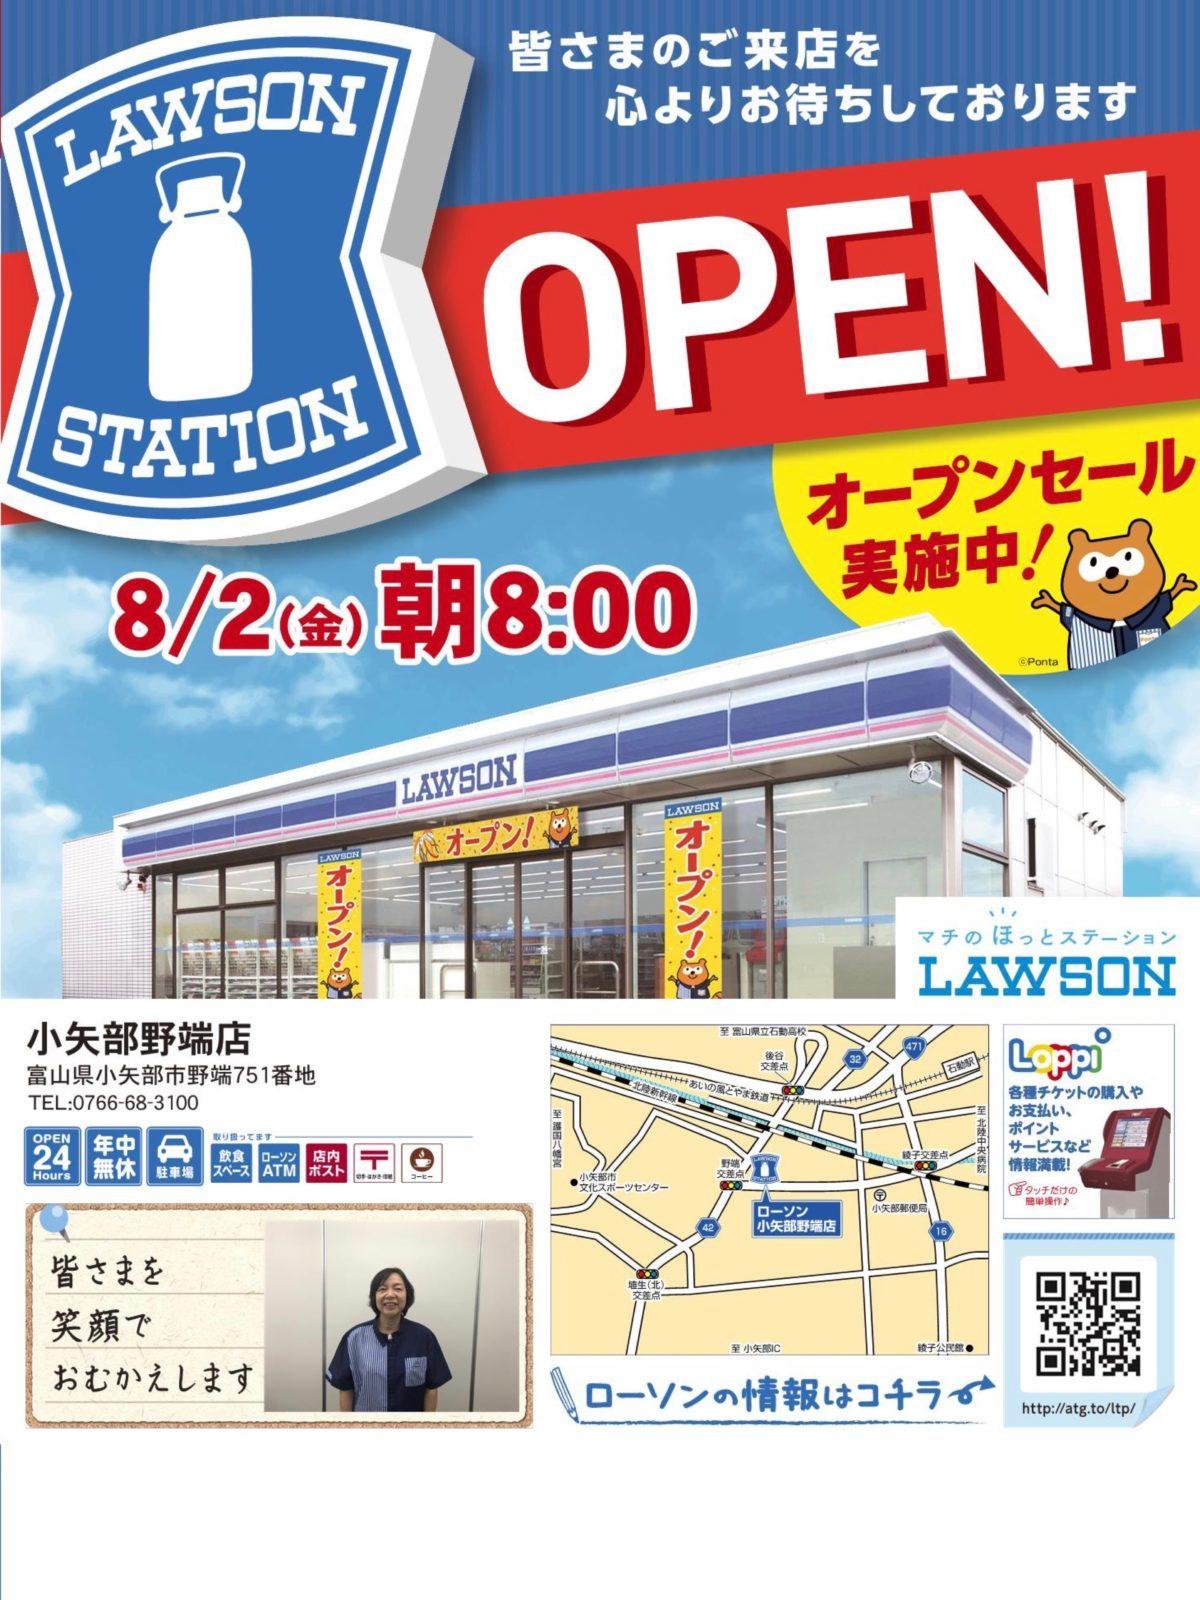 ローソン小矢部野端店